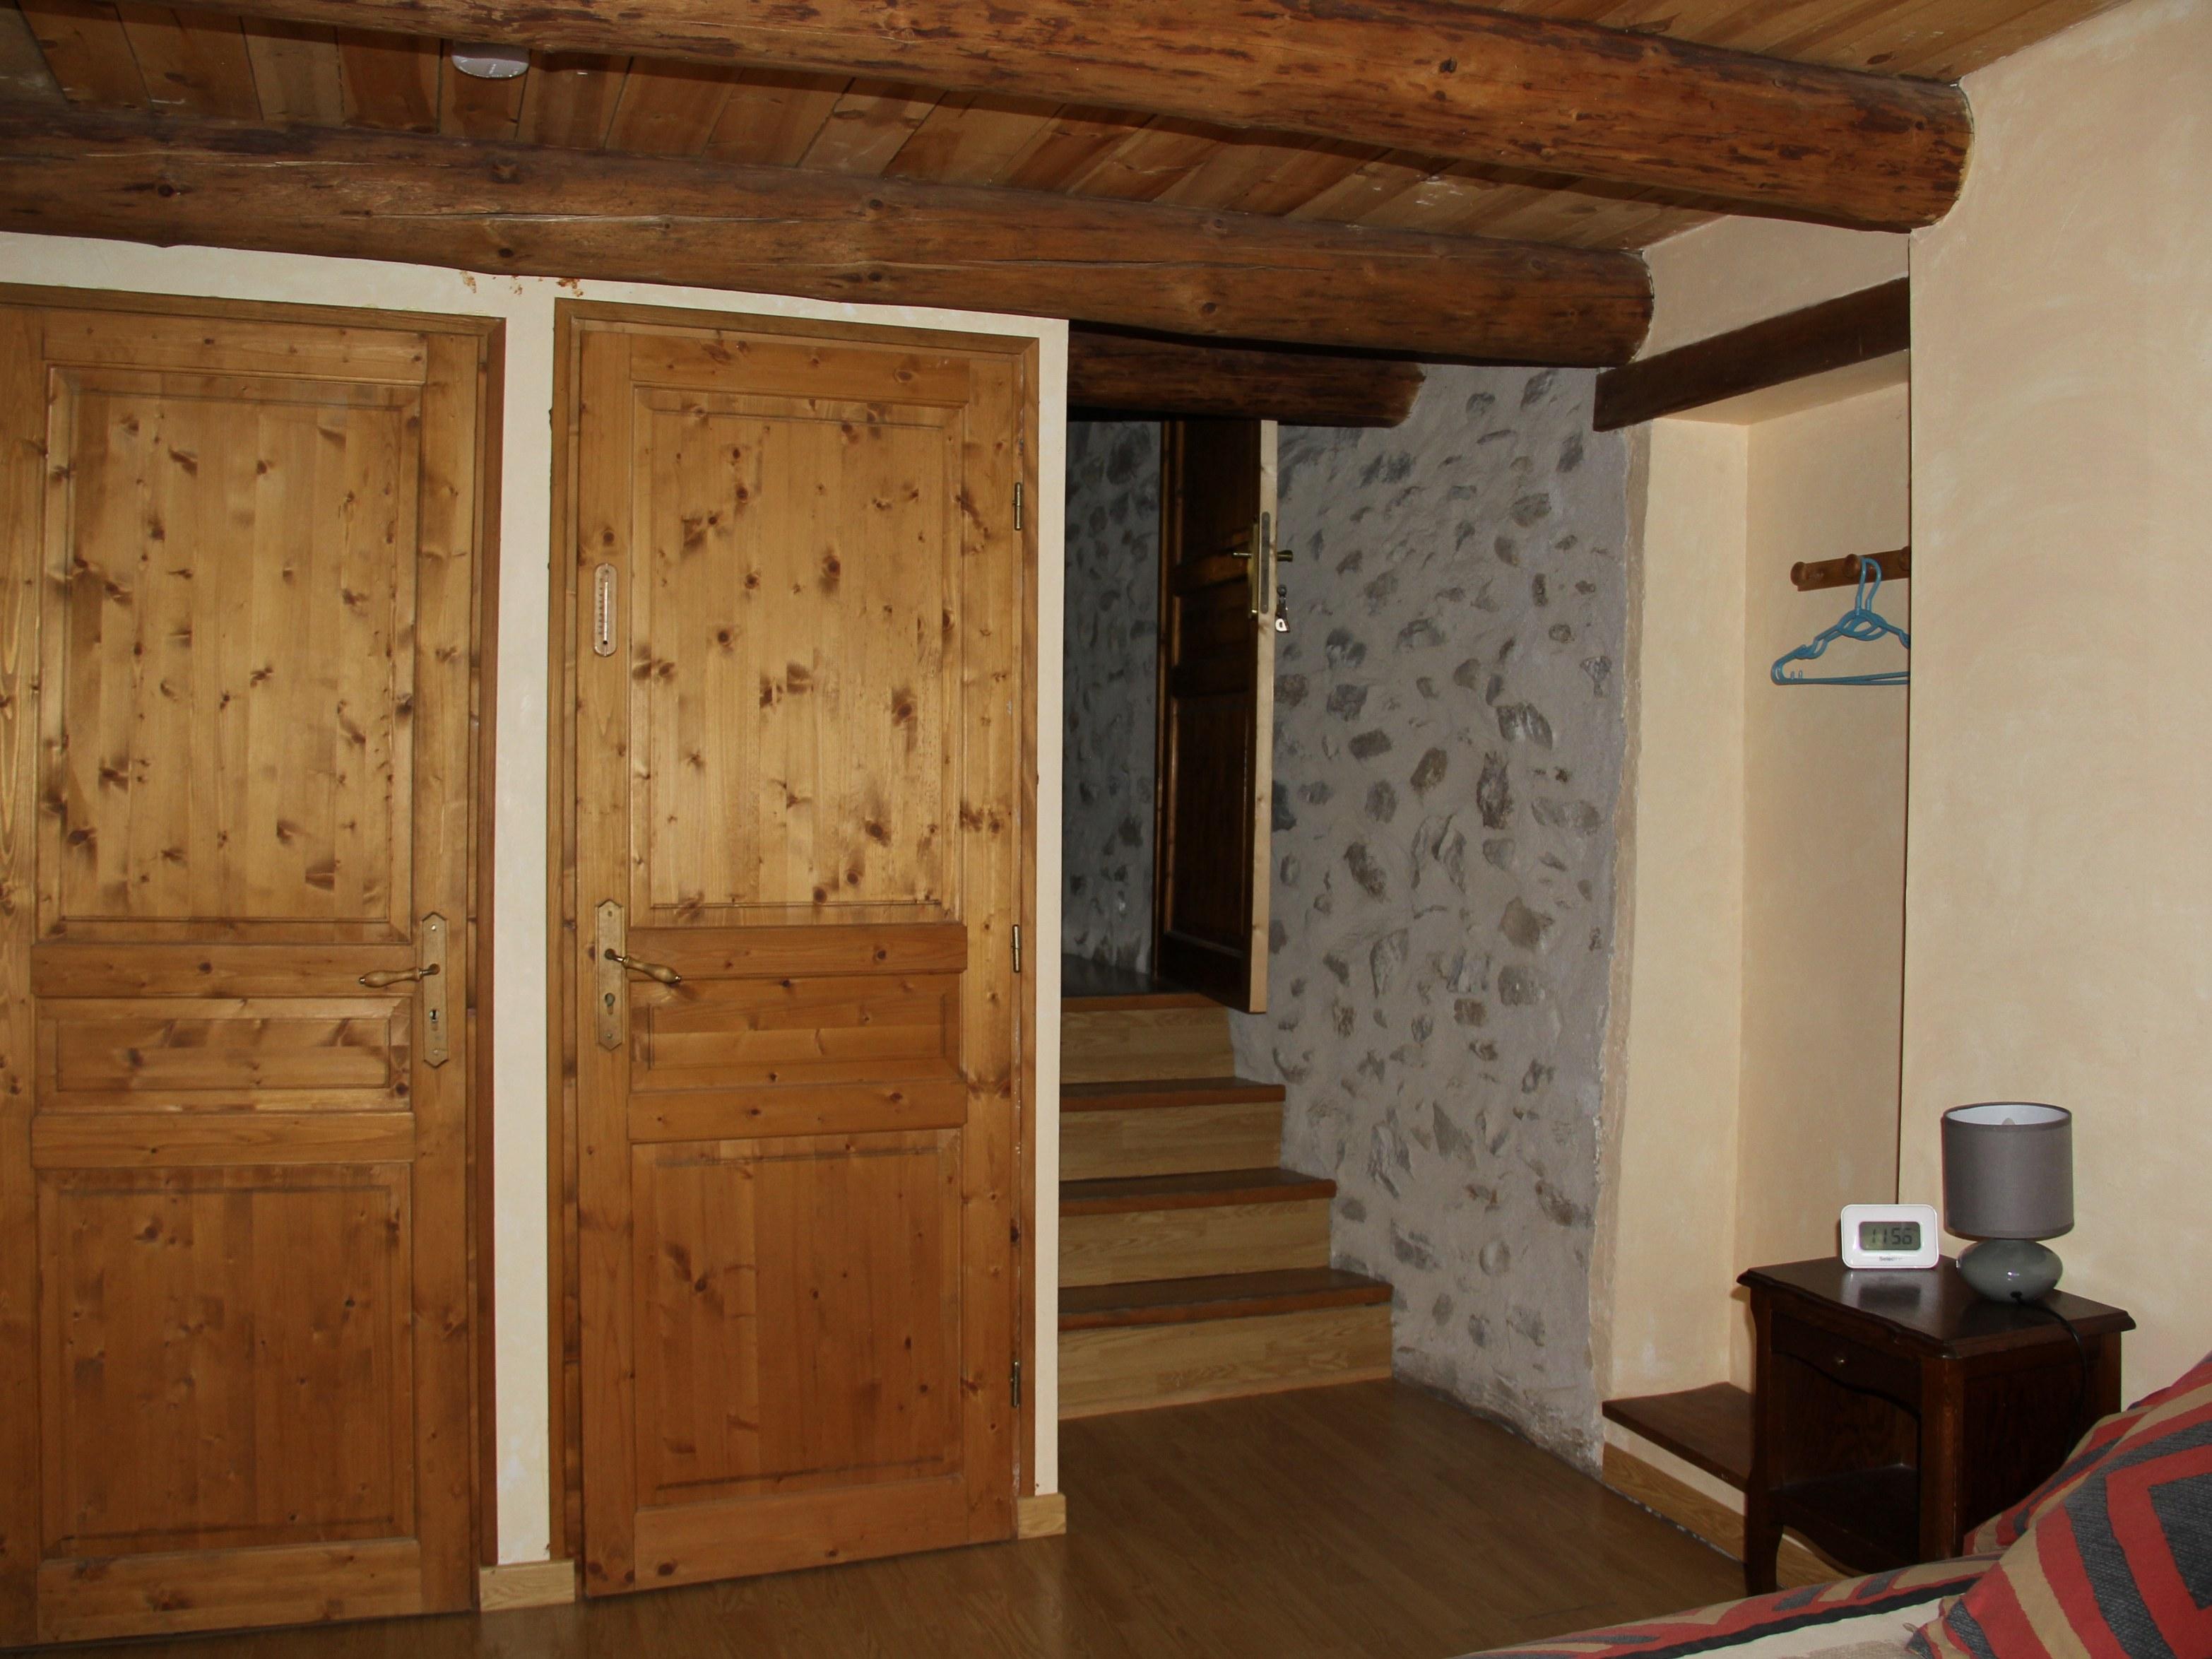 chambre-hotes-auvergne-placard-chambre-escalier-lampe-chevet